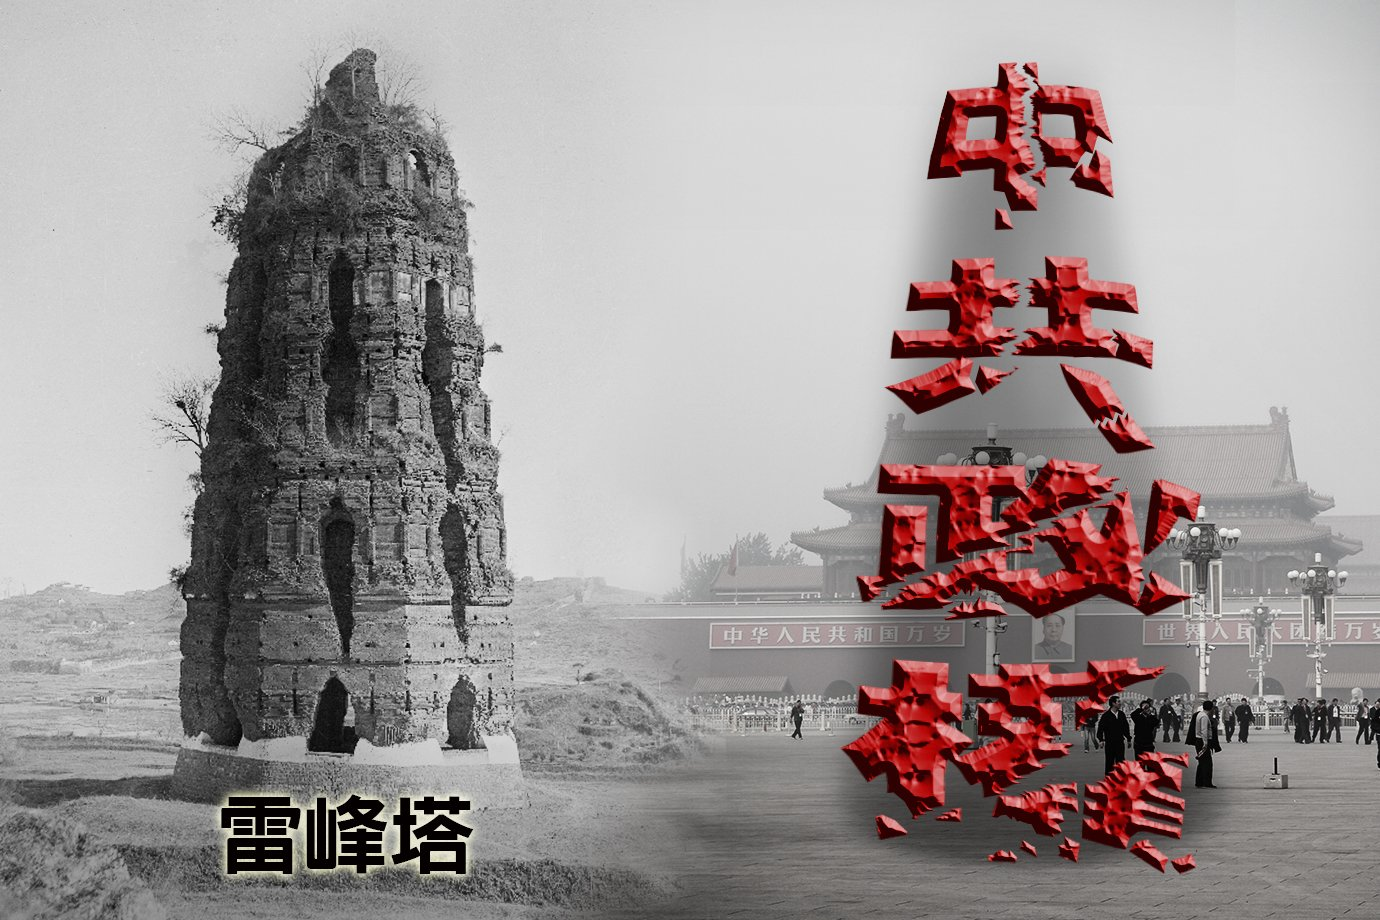 9月25日是杭州雷峰塔倒塌90周年,親習近平、王岐山陣營的陸媒澎湃新聞發文重提2013年中共總書記習近平曾以倒塔為例告誡中共政權的「危亡之漸」。(大紀元合成圖片)